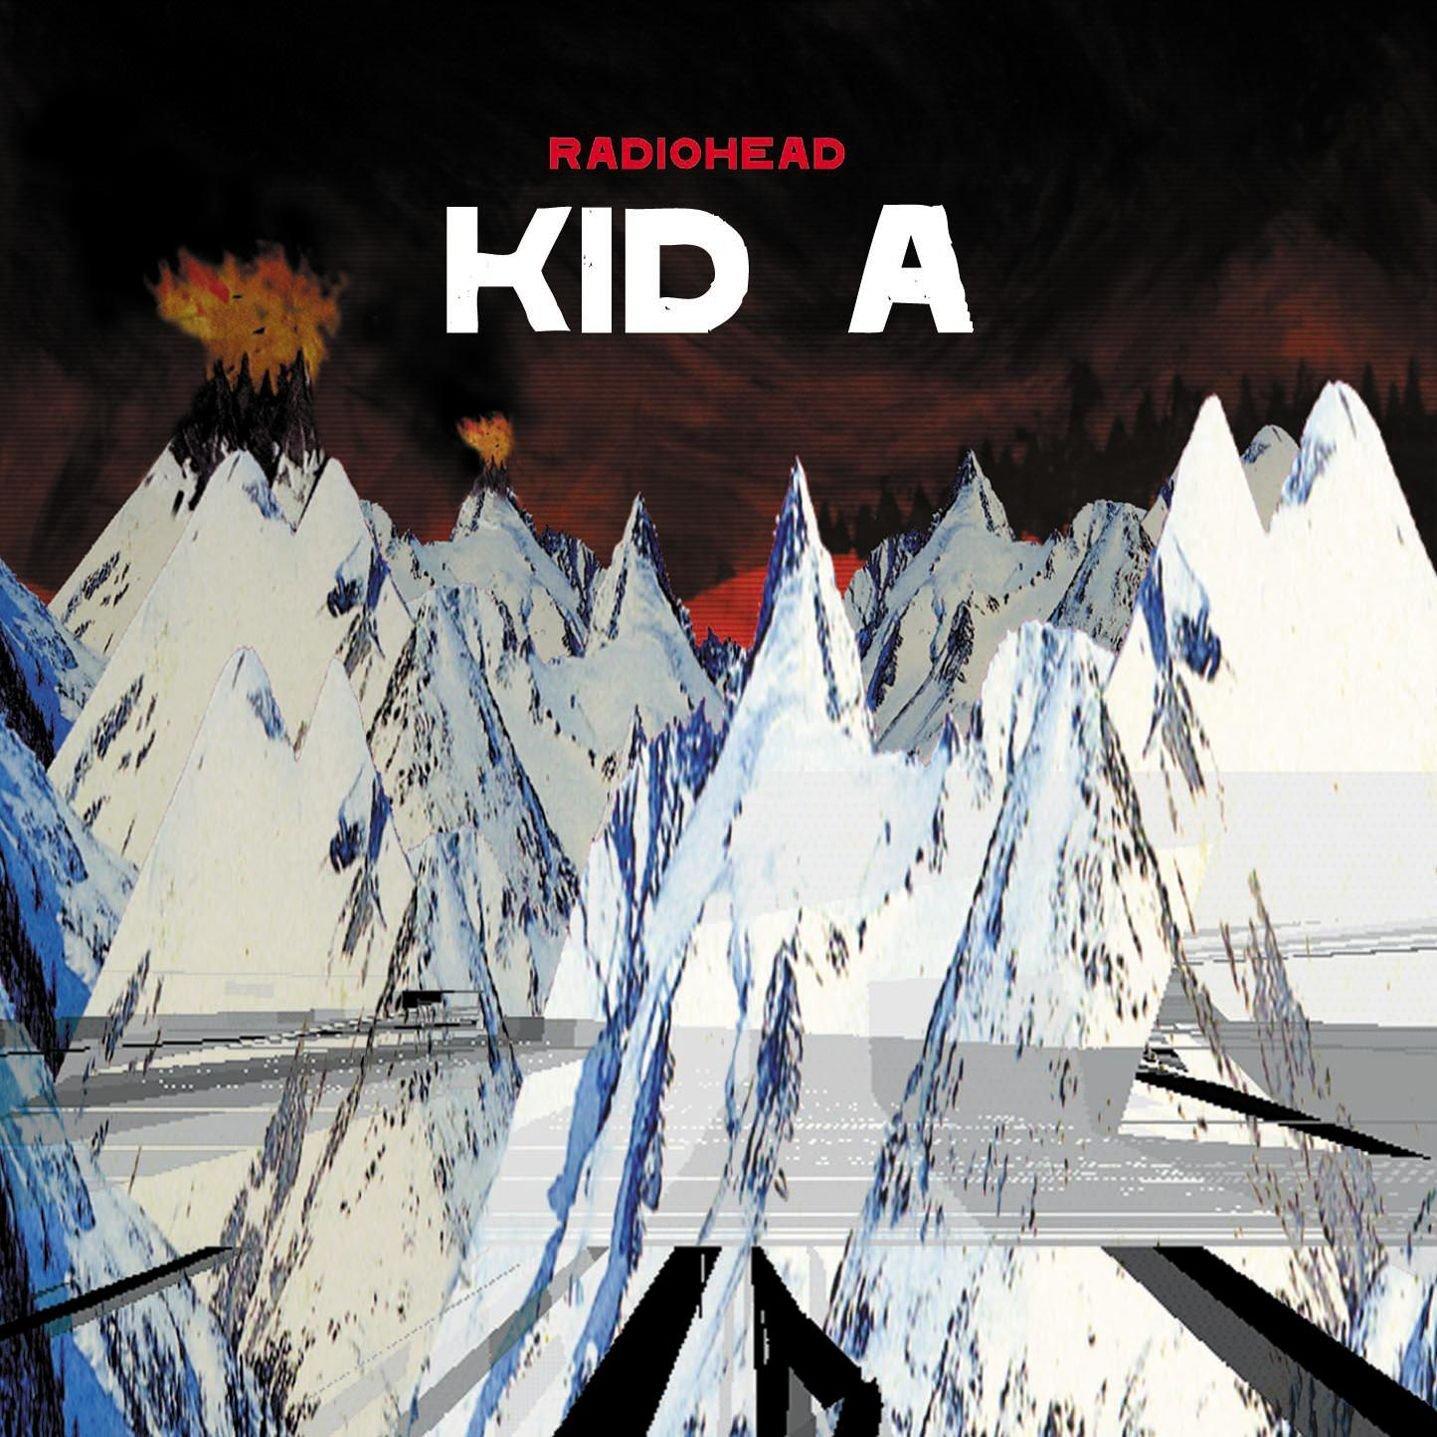 radiohead creep lyrics